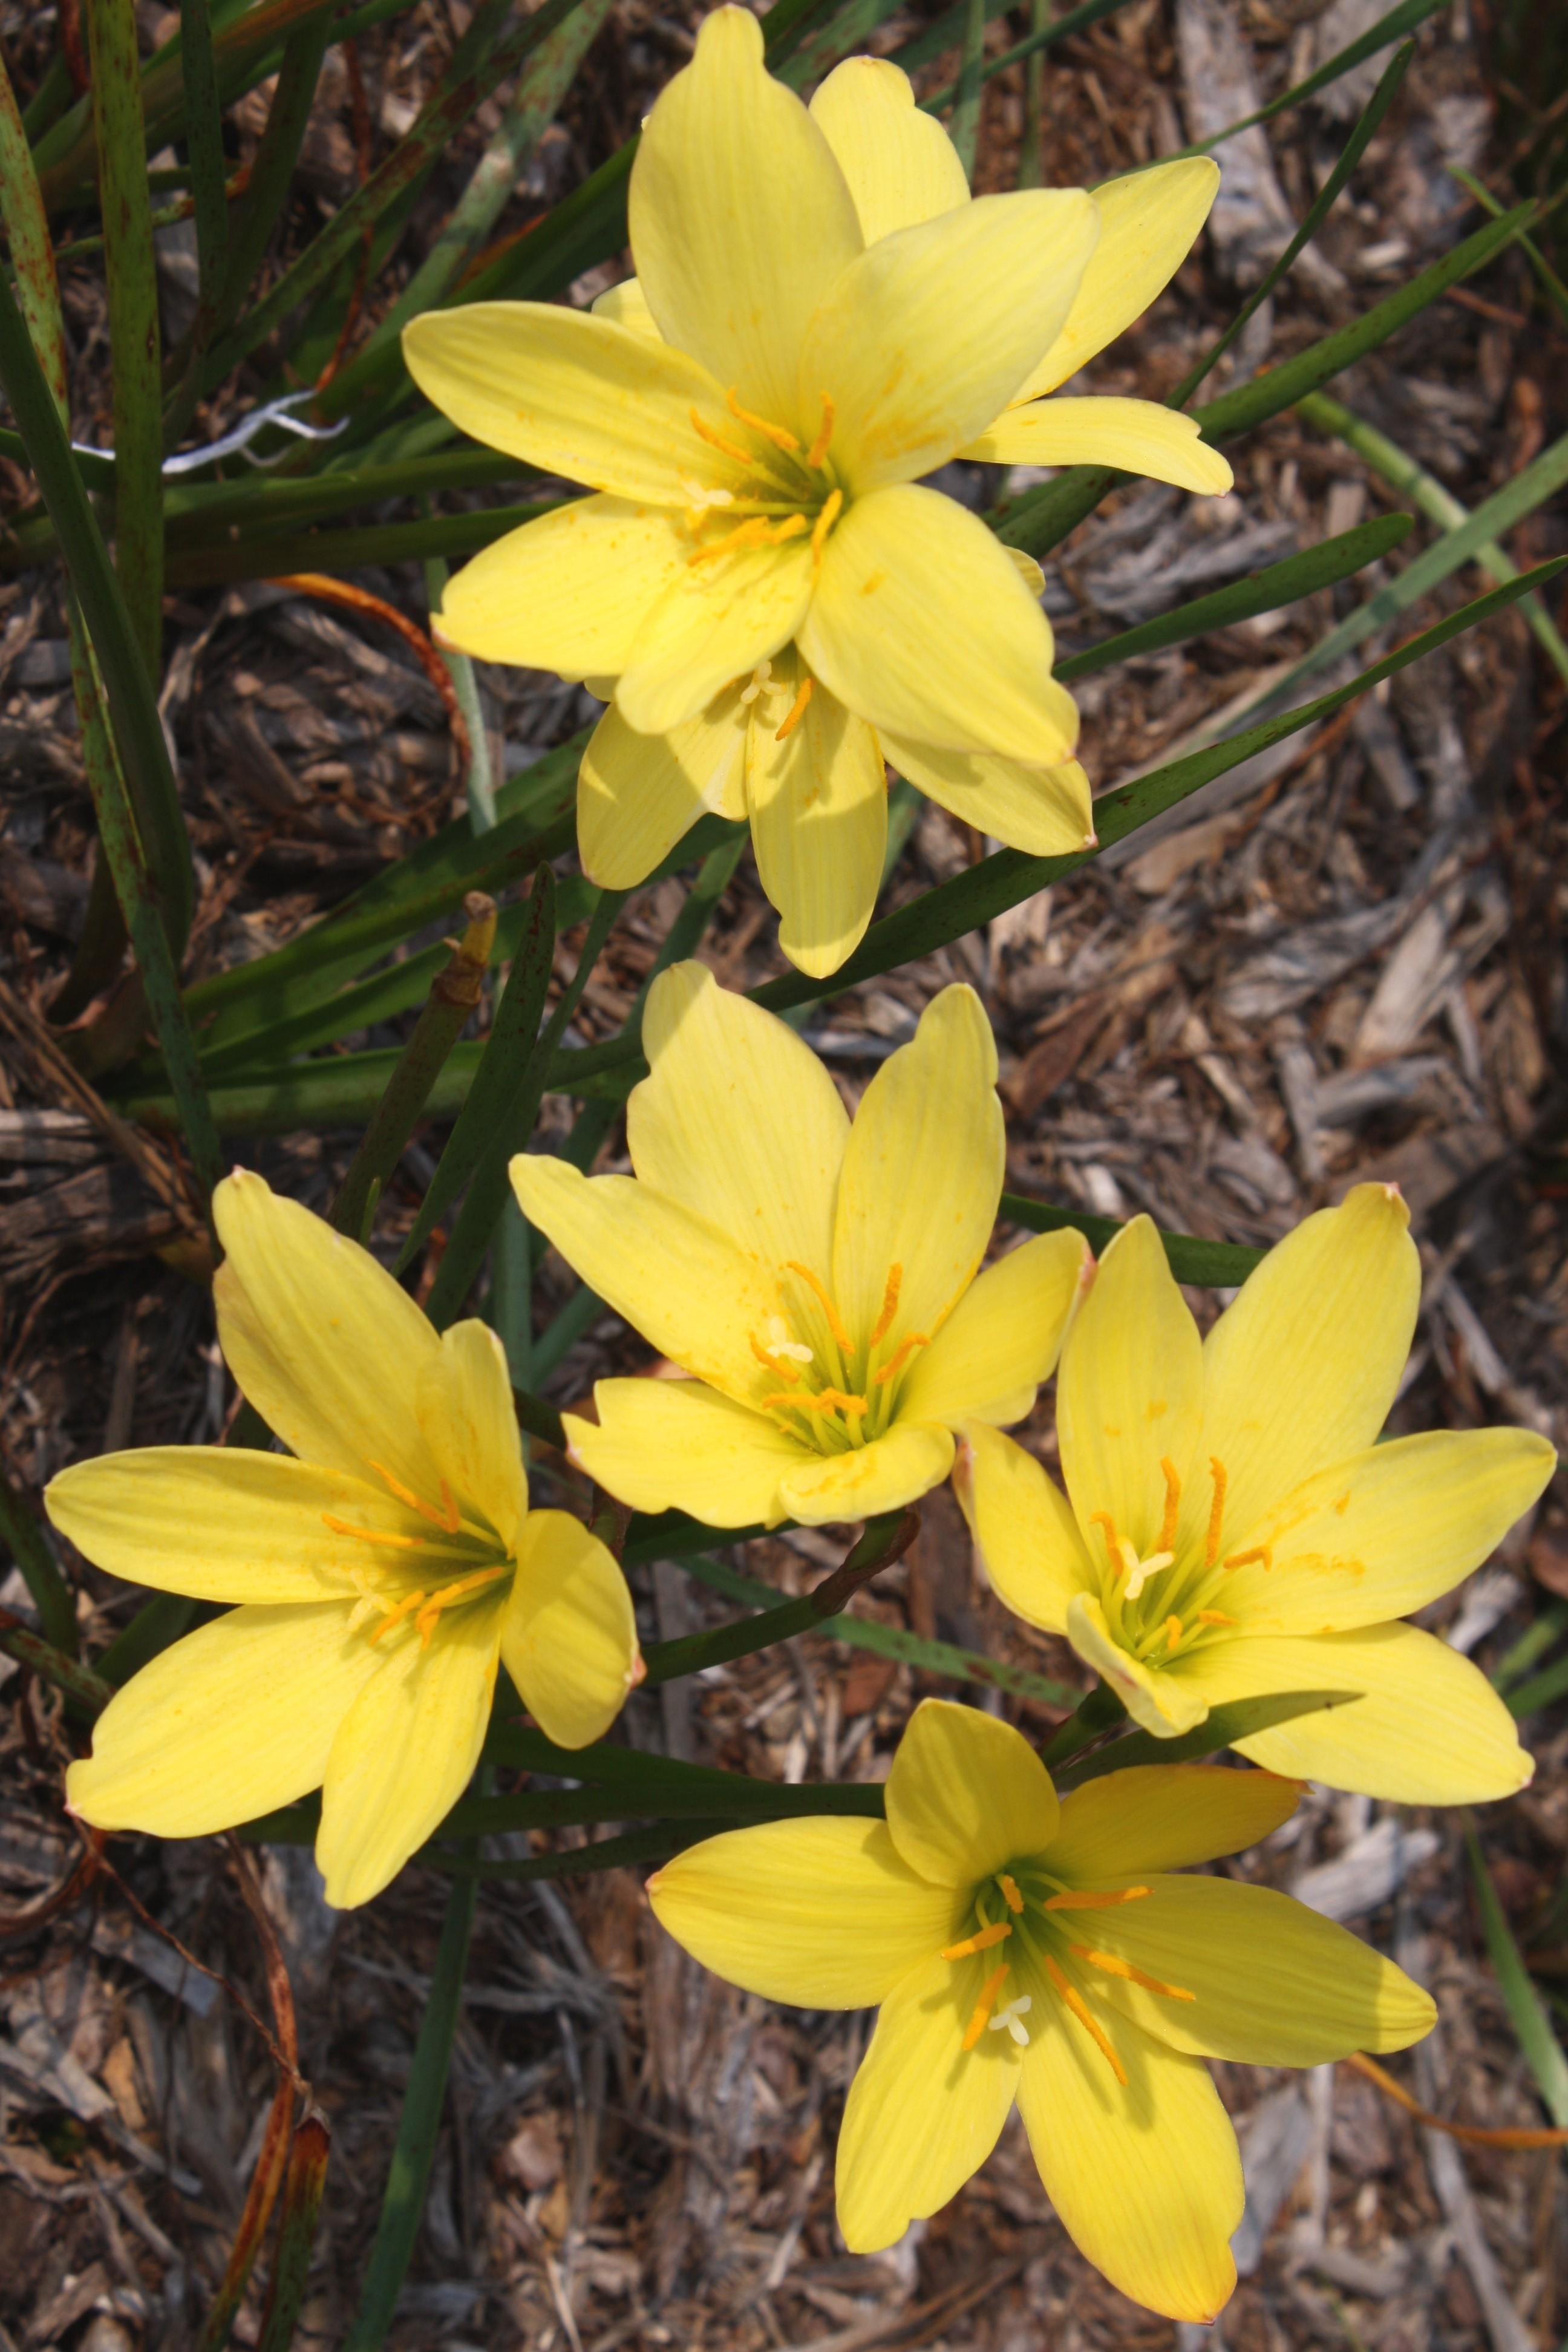 Zephyranthes 'Midas Touch' @ JLBG - a Fadjar Marta hybrid introduced by Plant Delights in 2011 (Fadjar Marta)